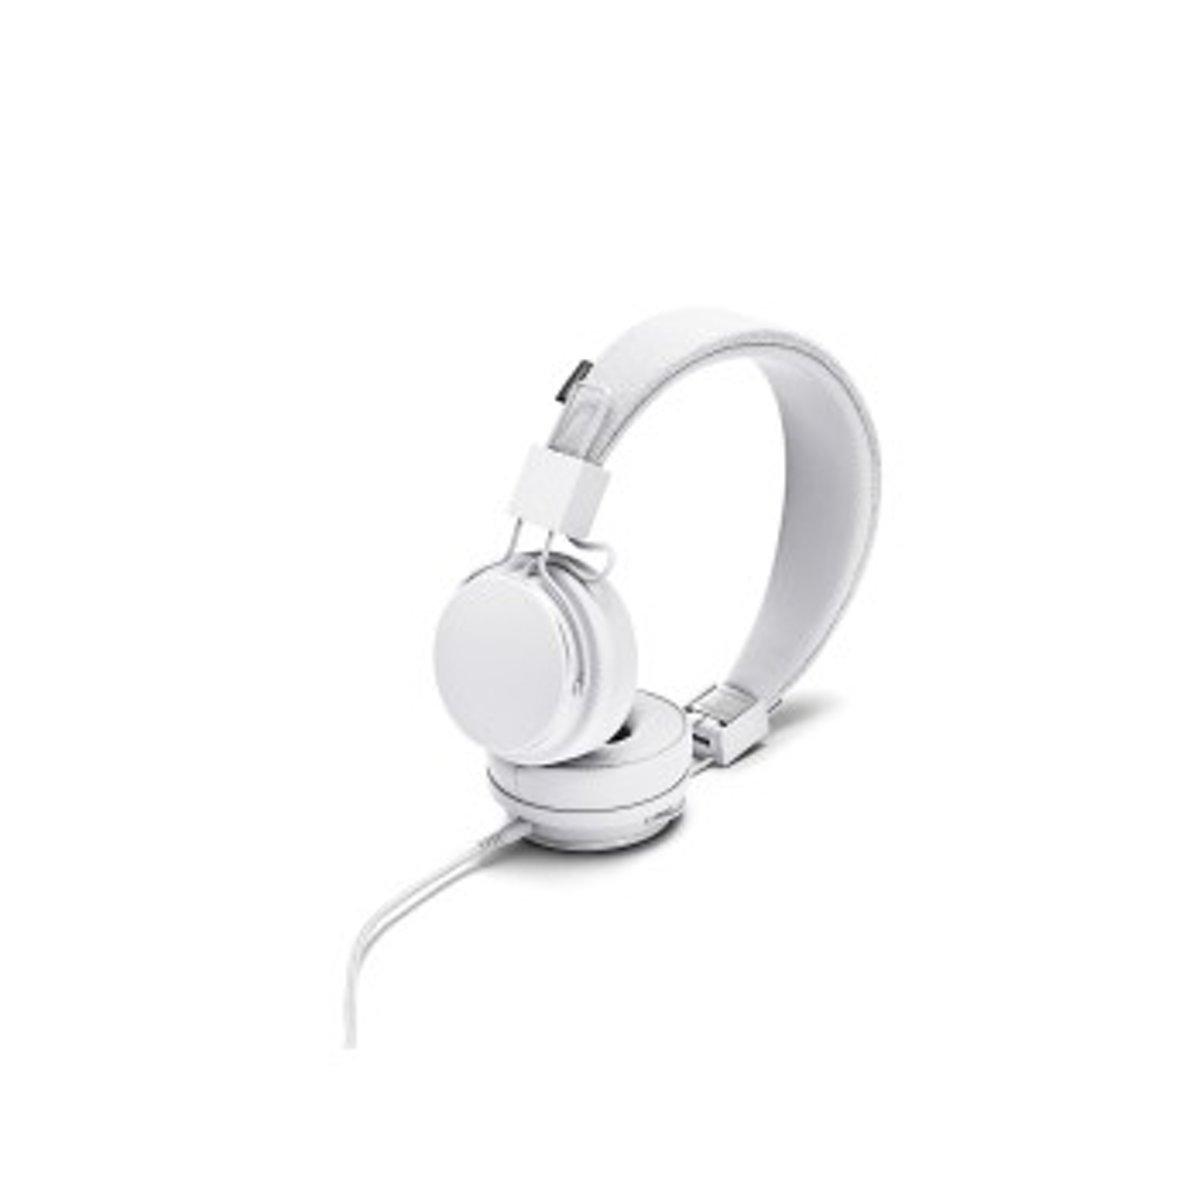 Urbanears Plattan Ii On Ear Koptelefoon White Powder Pink